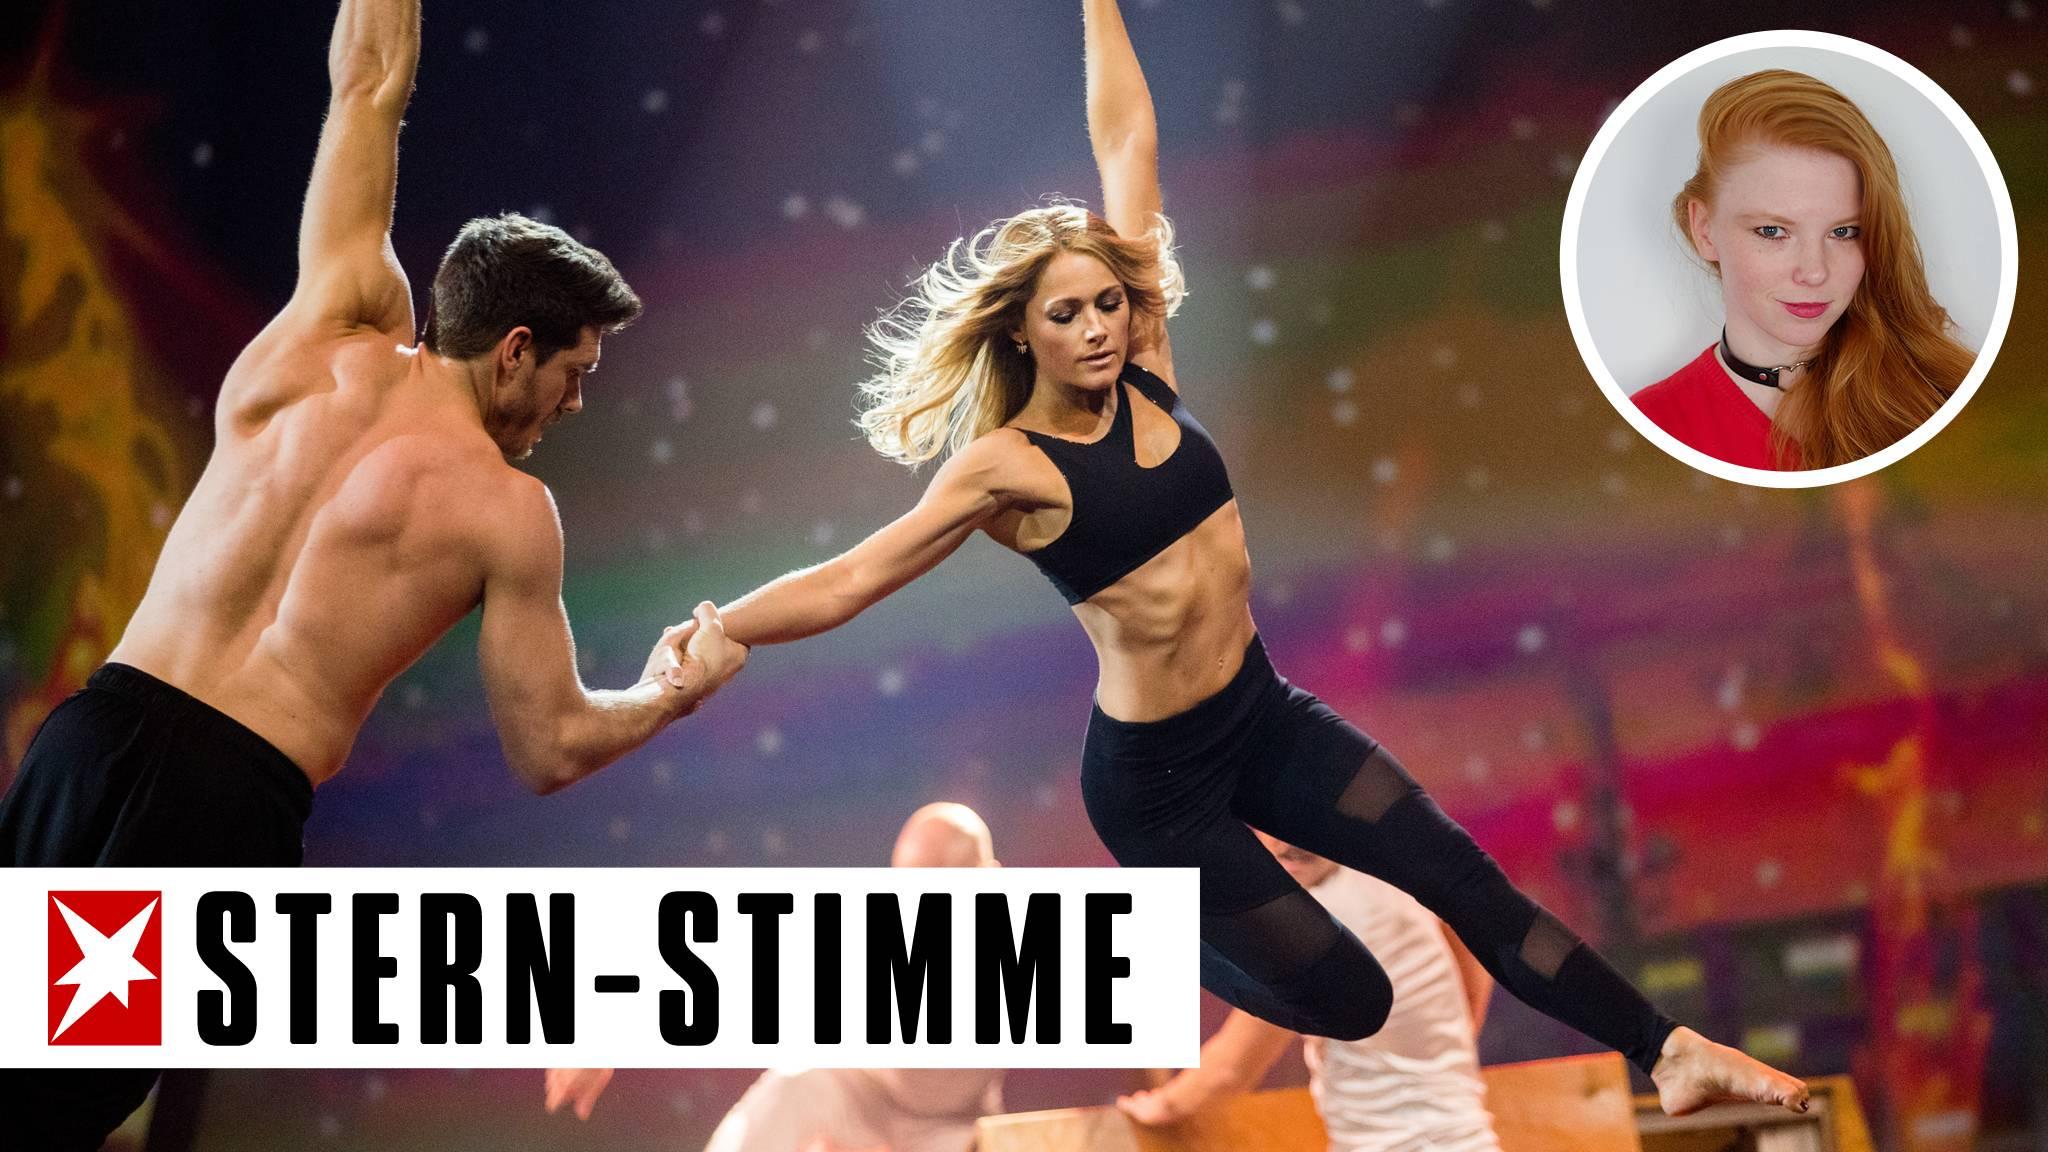 Helene fischer neuer freund tänzer